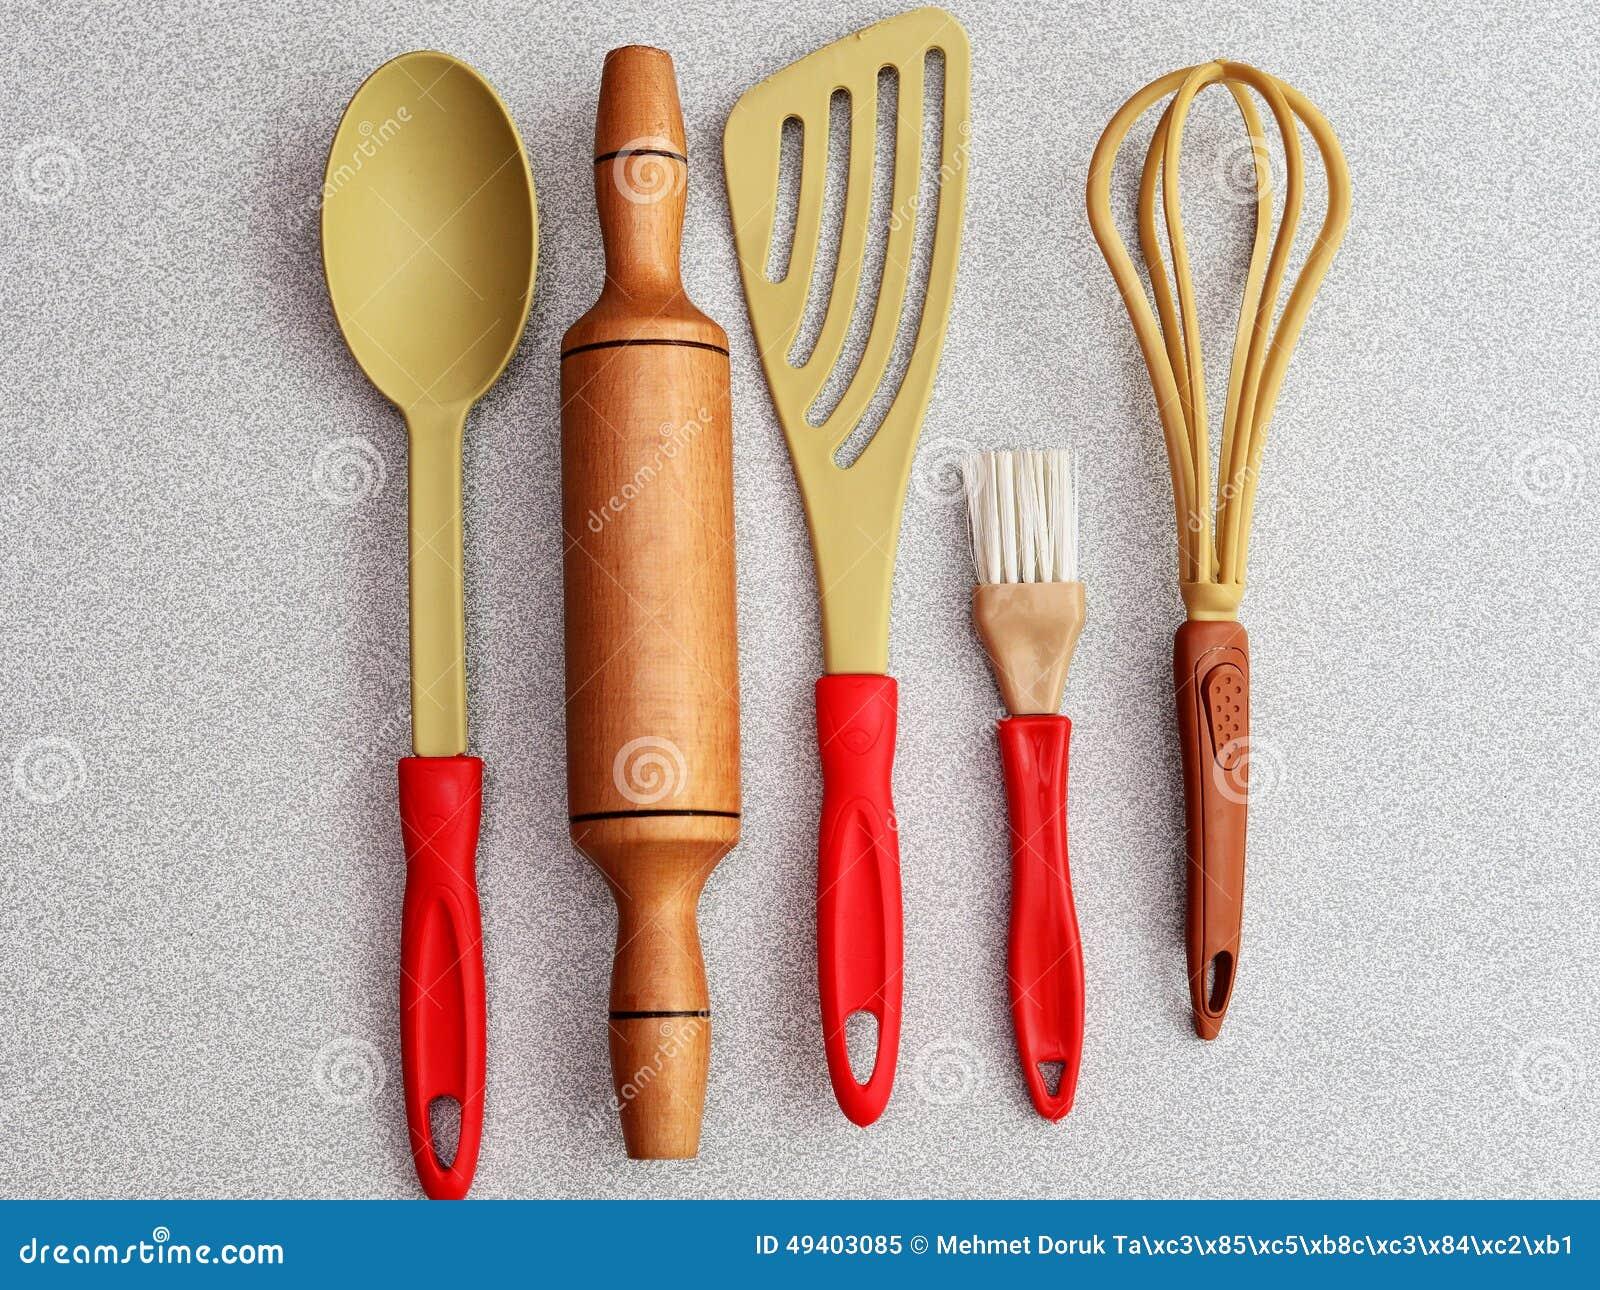 Download Küche-Geräte getrennt stockbild. Bild von nahrung, teller - 49403085